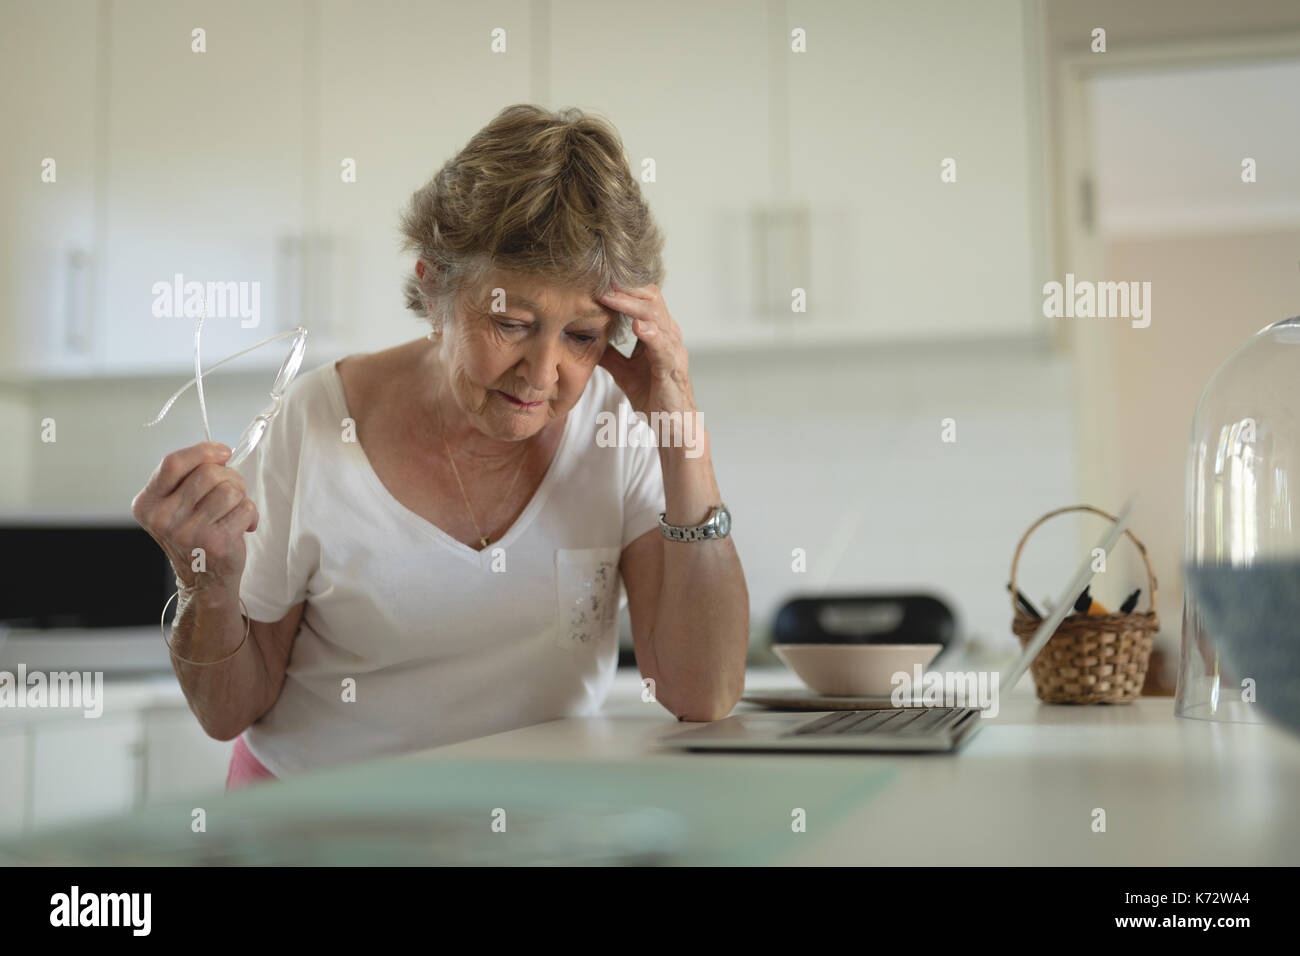 Tense senior woman standing in cucina con computer portatile sul piano di lavoro a casa Immagini Stock